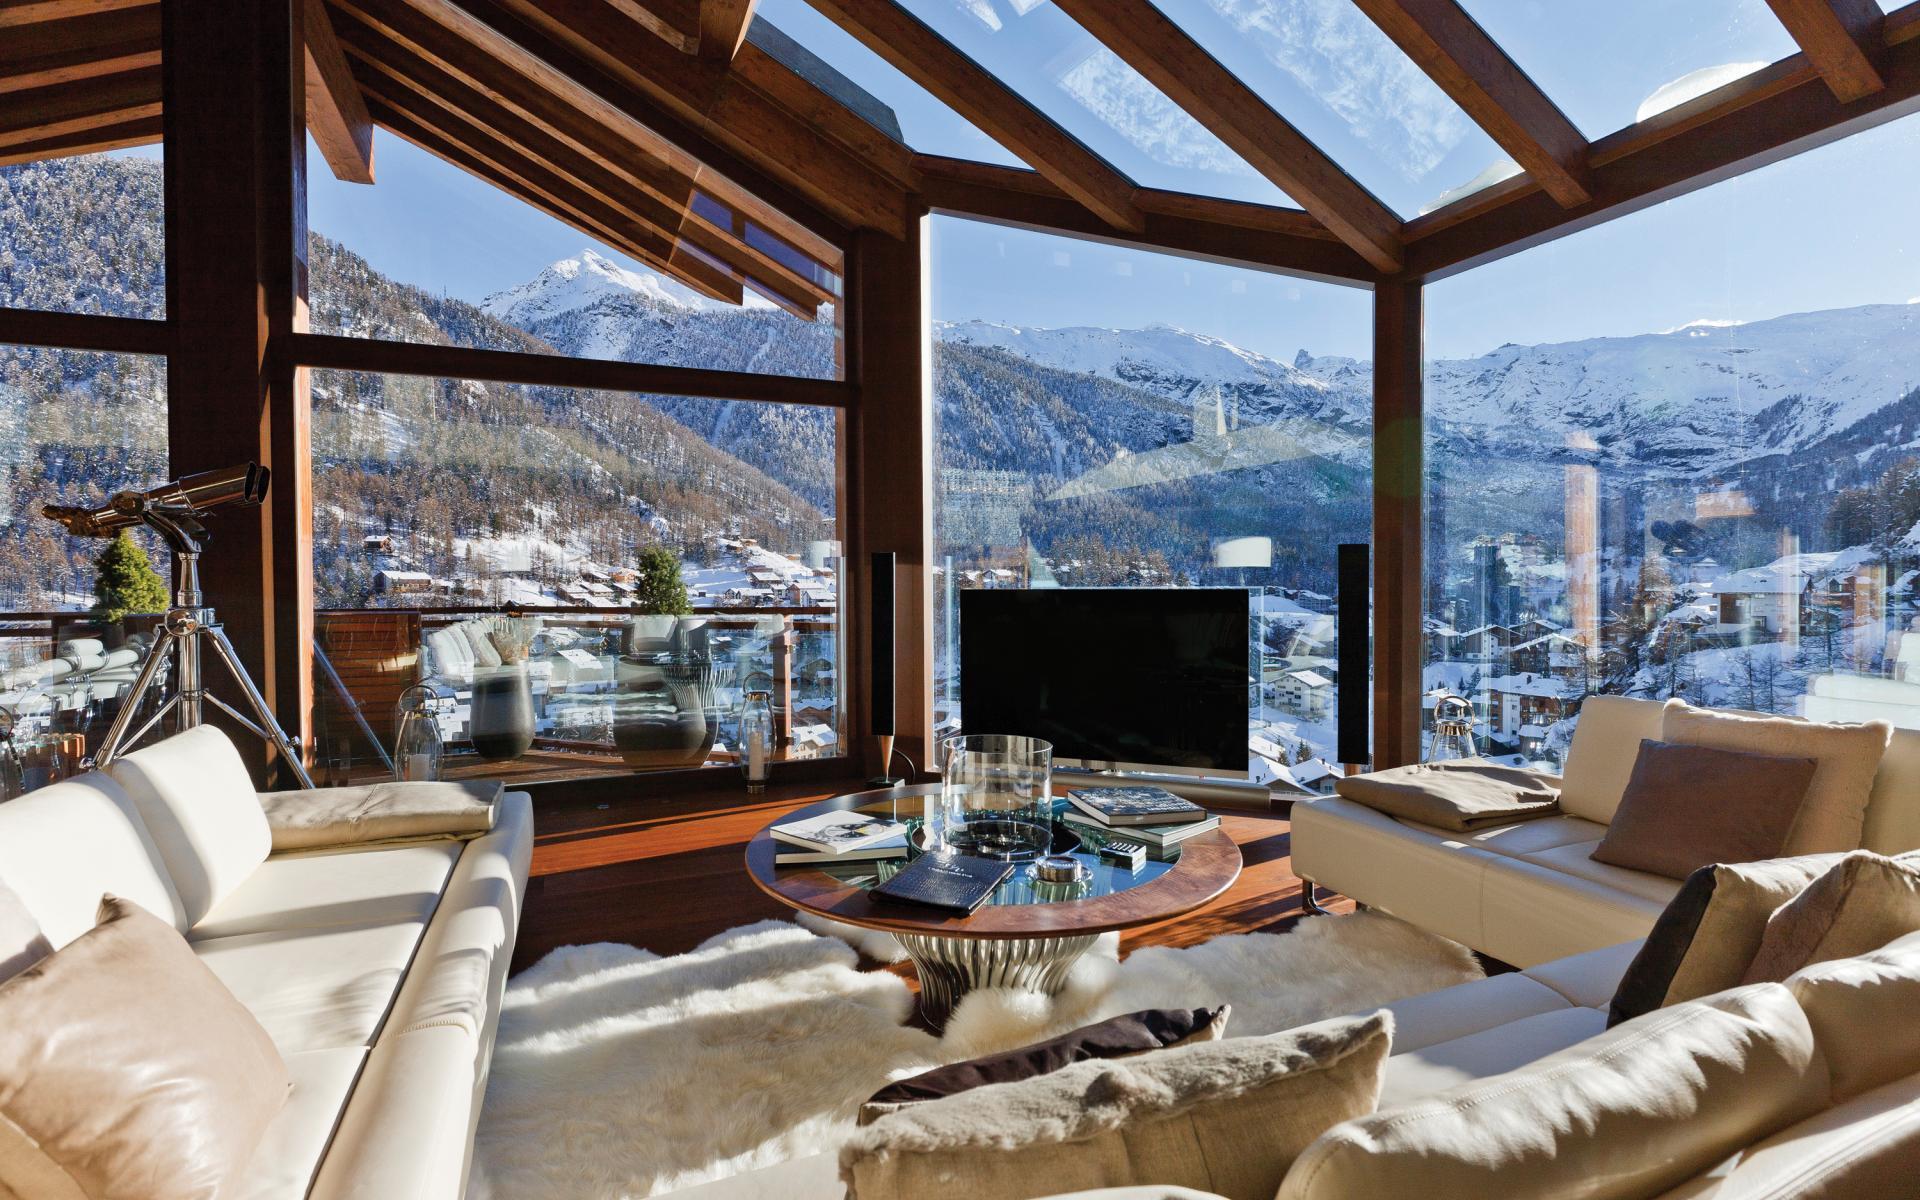 Chalet traum in zermatt stilpalast for Villa d arte interior design home collection